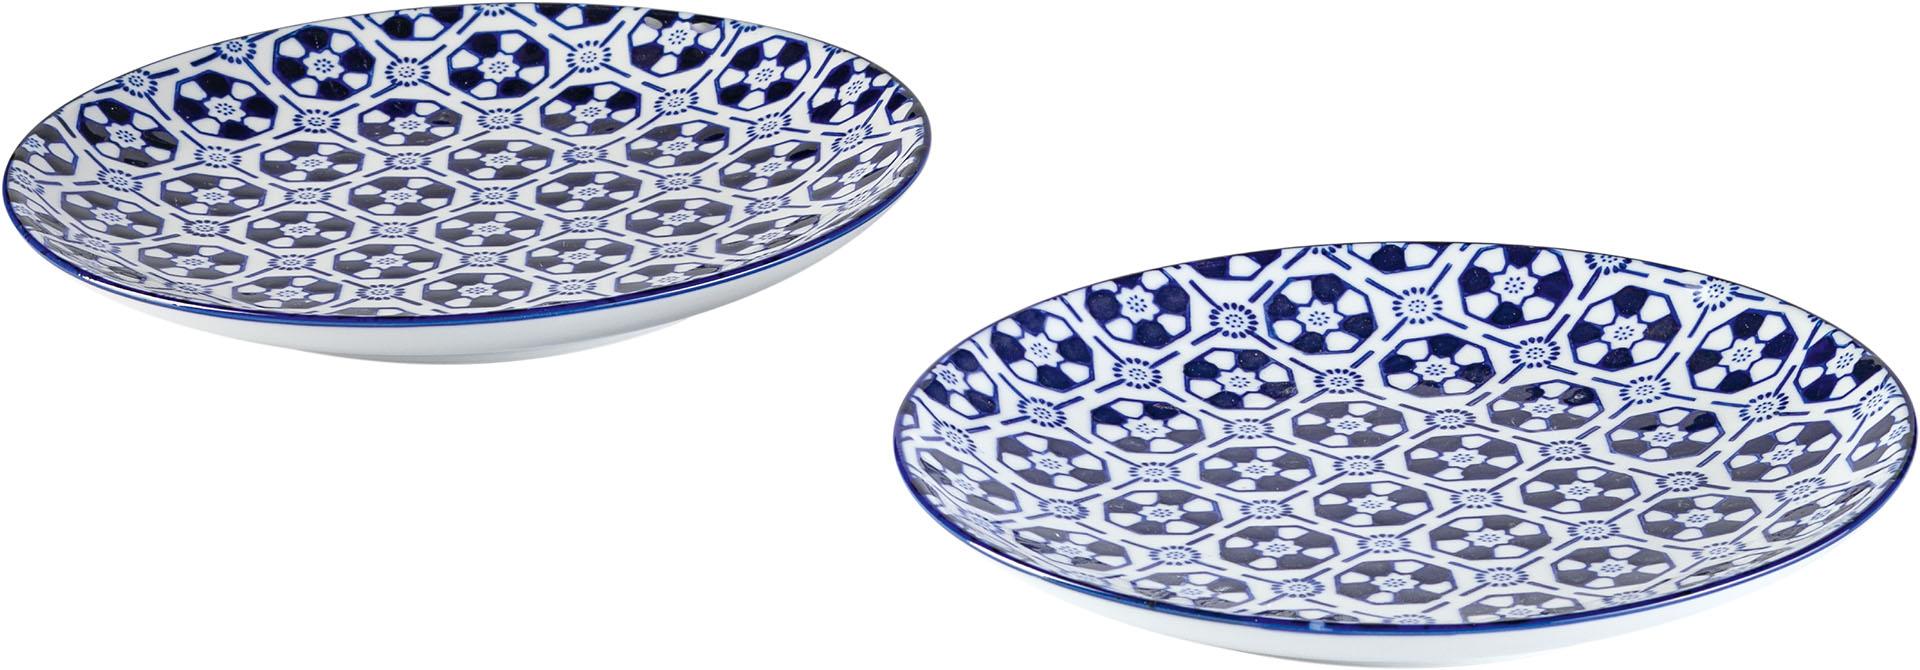 Σετ 2 πιάτα De